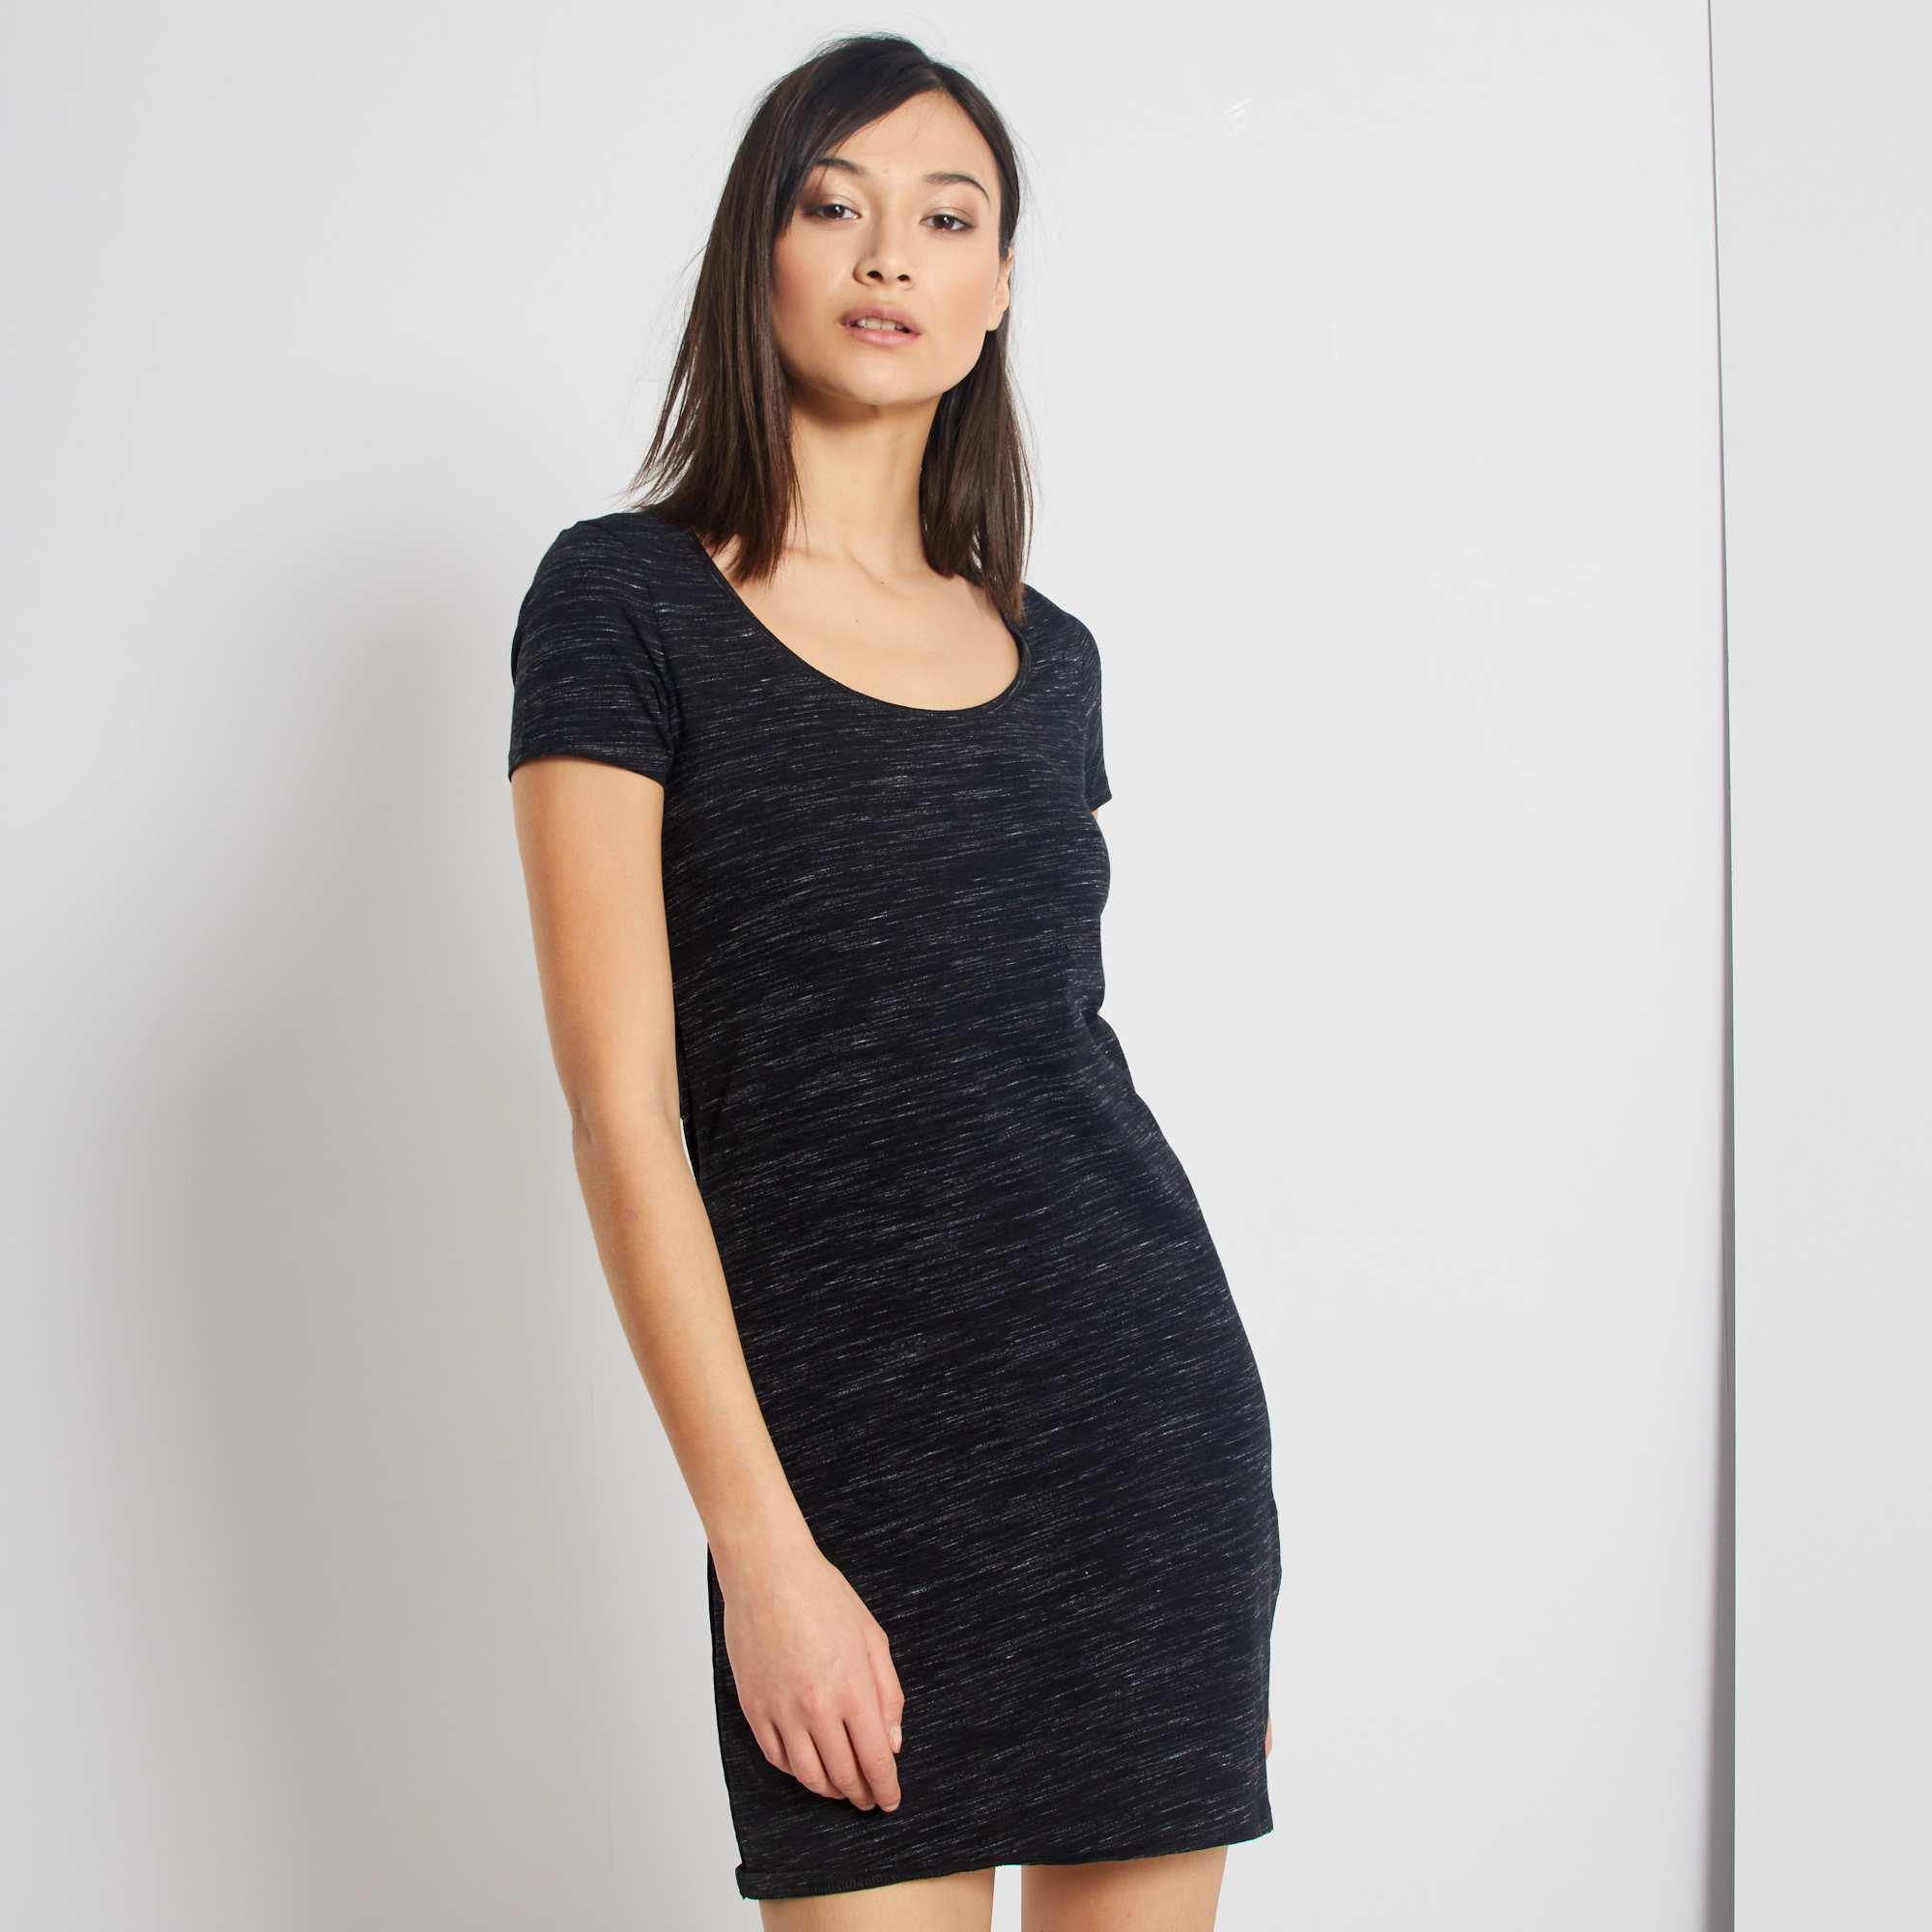 Couleur : noir, gris anthracite, ,, - Taille : M, S, L,XXL,XLLa petite robe dont on ne peut pas se séparer dès les beaux jours. - Robe courte -